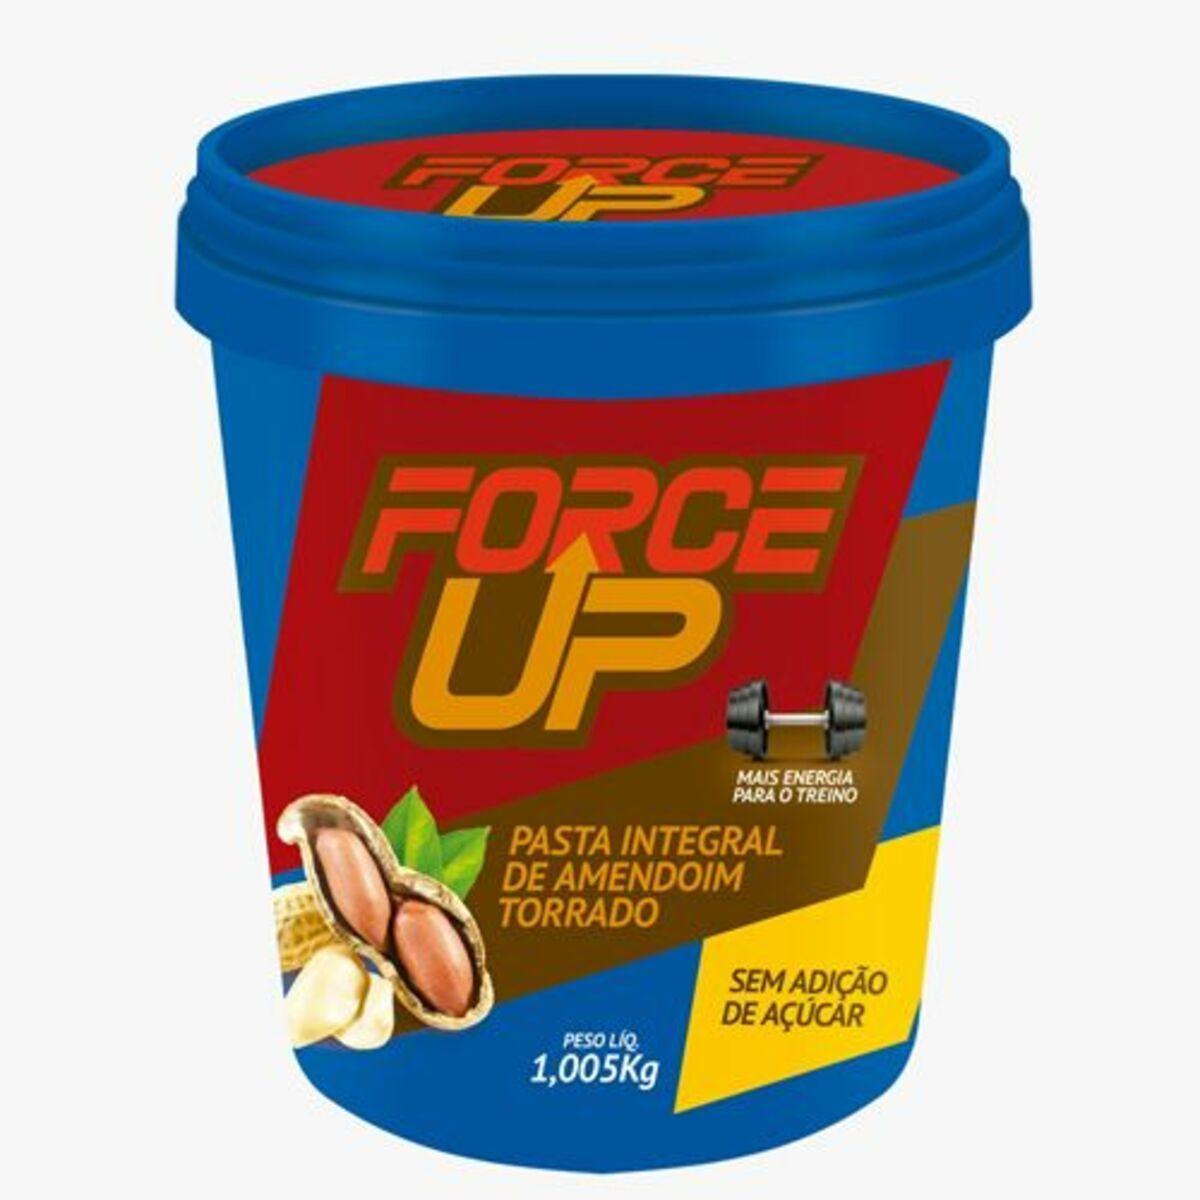 Pasta Force Up Amendoim Torrado 1,005 Kg - VENCIMENTO JULHO/21 - SEM TROCA